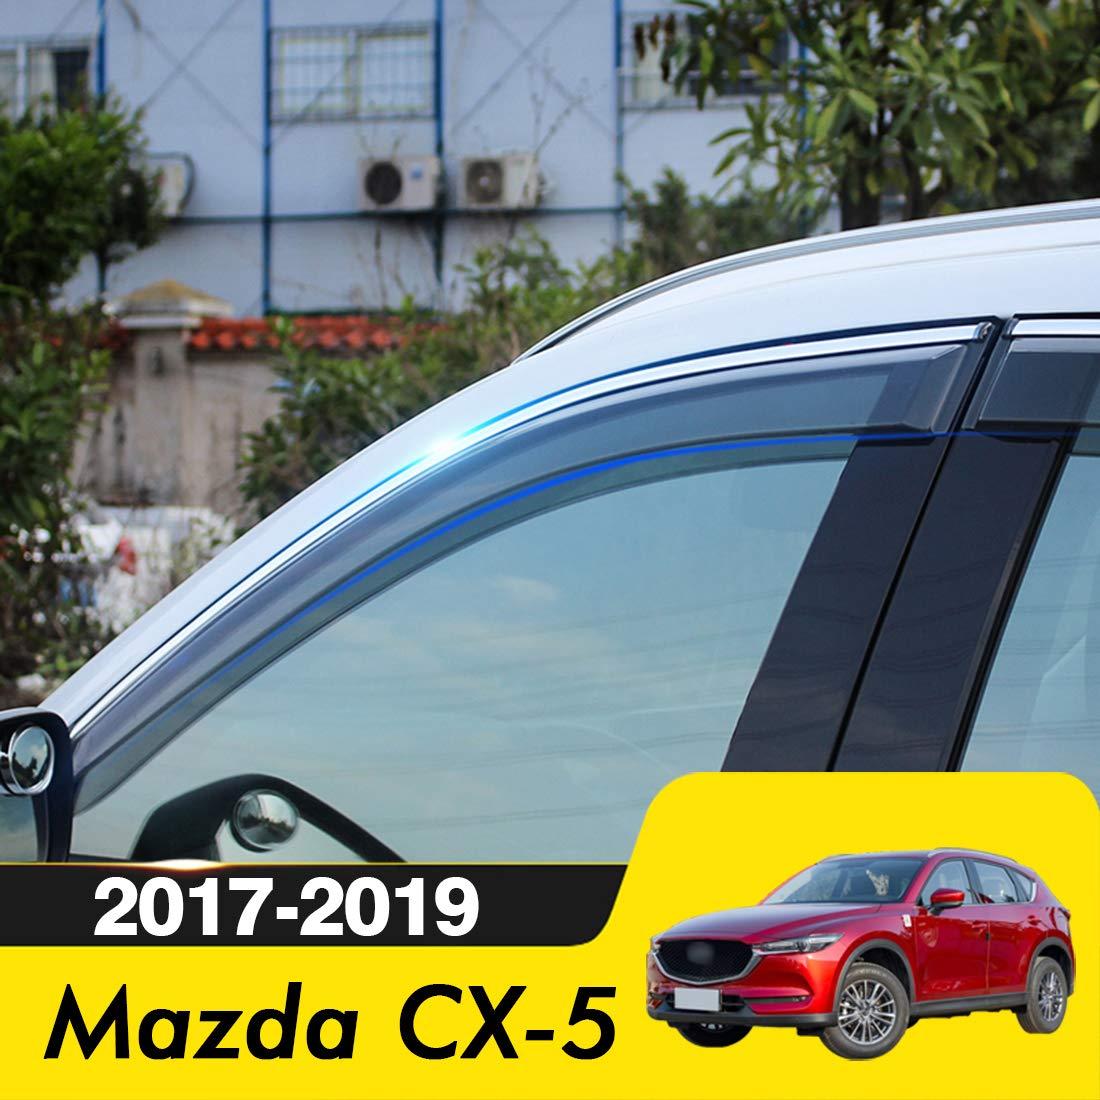 biosp 2017 Mazda CX-5 Visor Rain Sun Deflectors Car Window Ventvisor Shade Wind Deflector